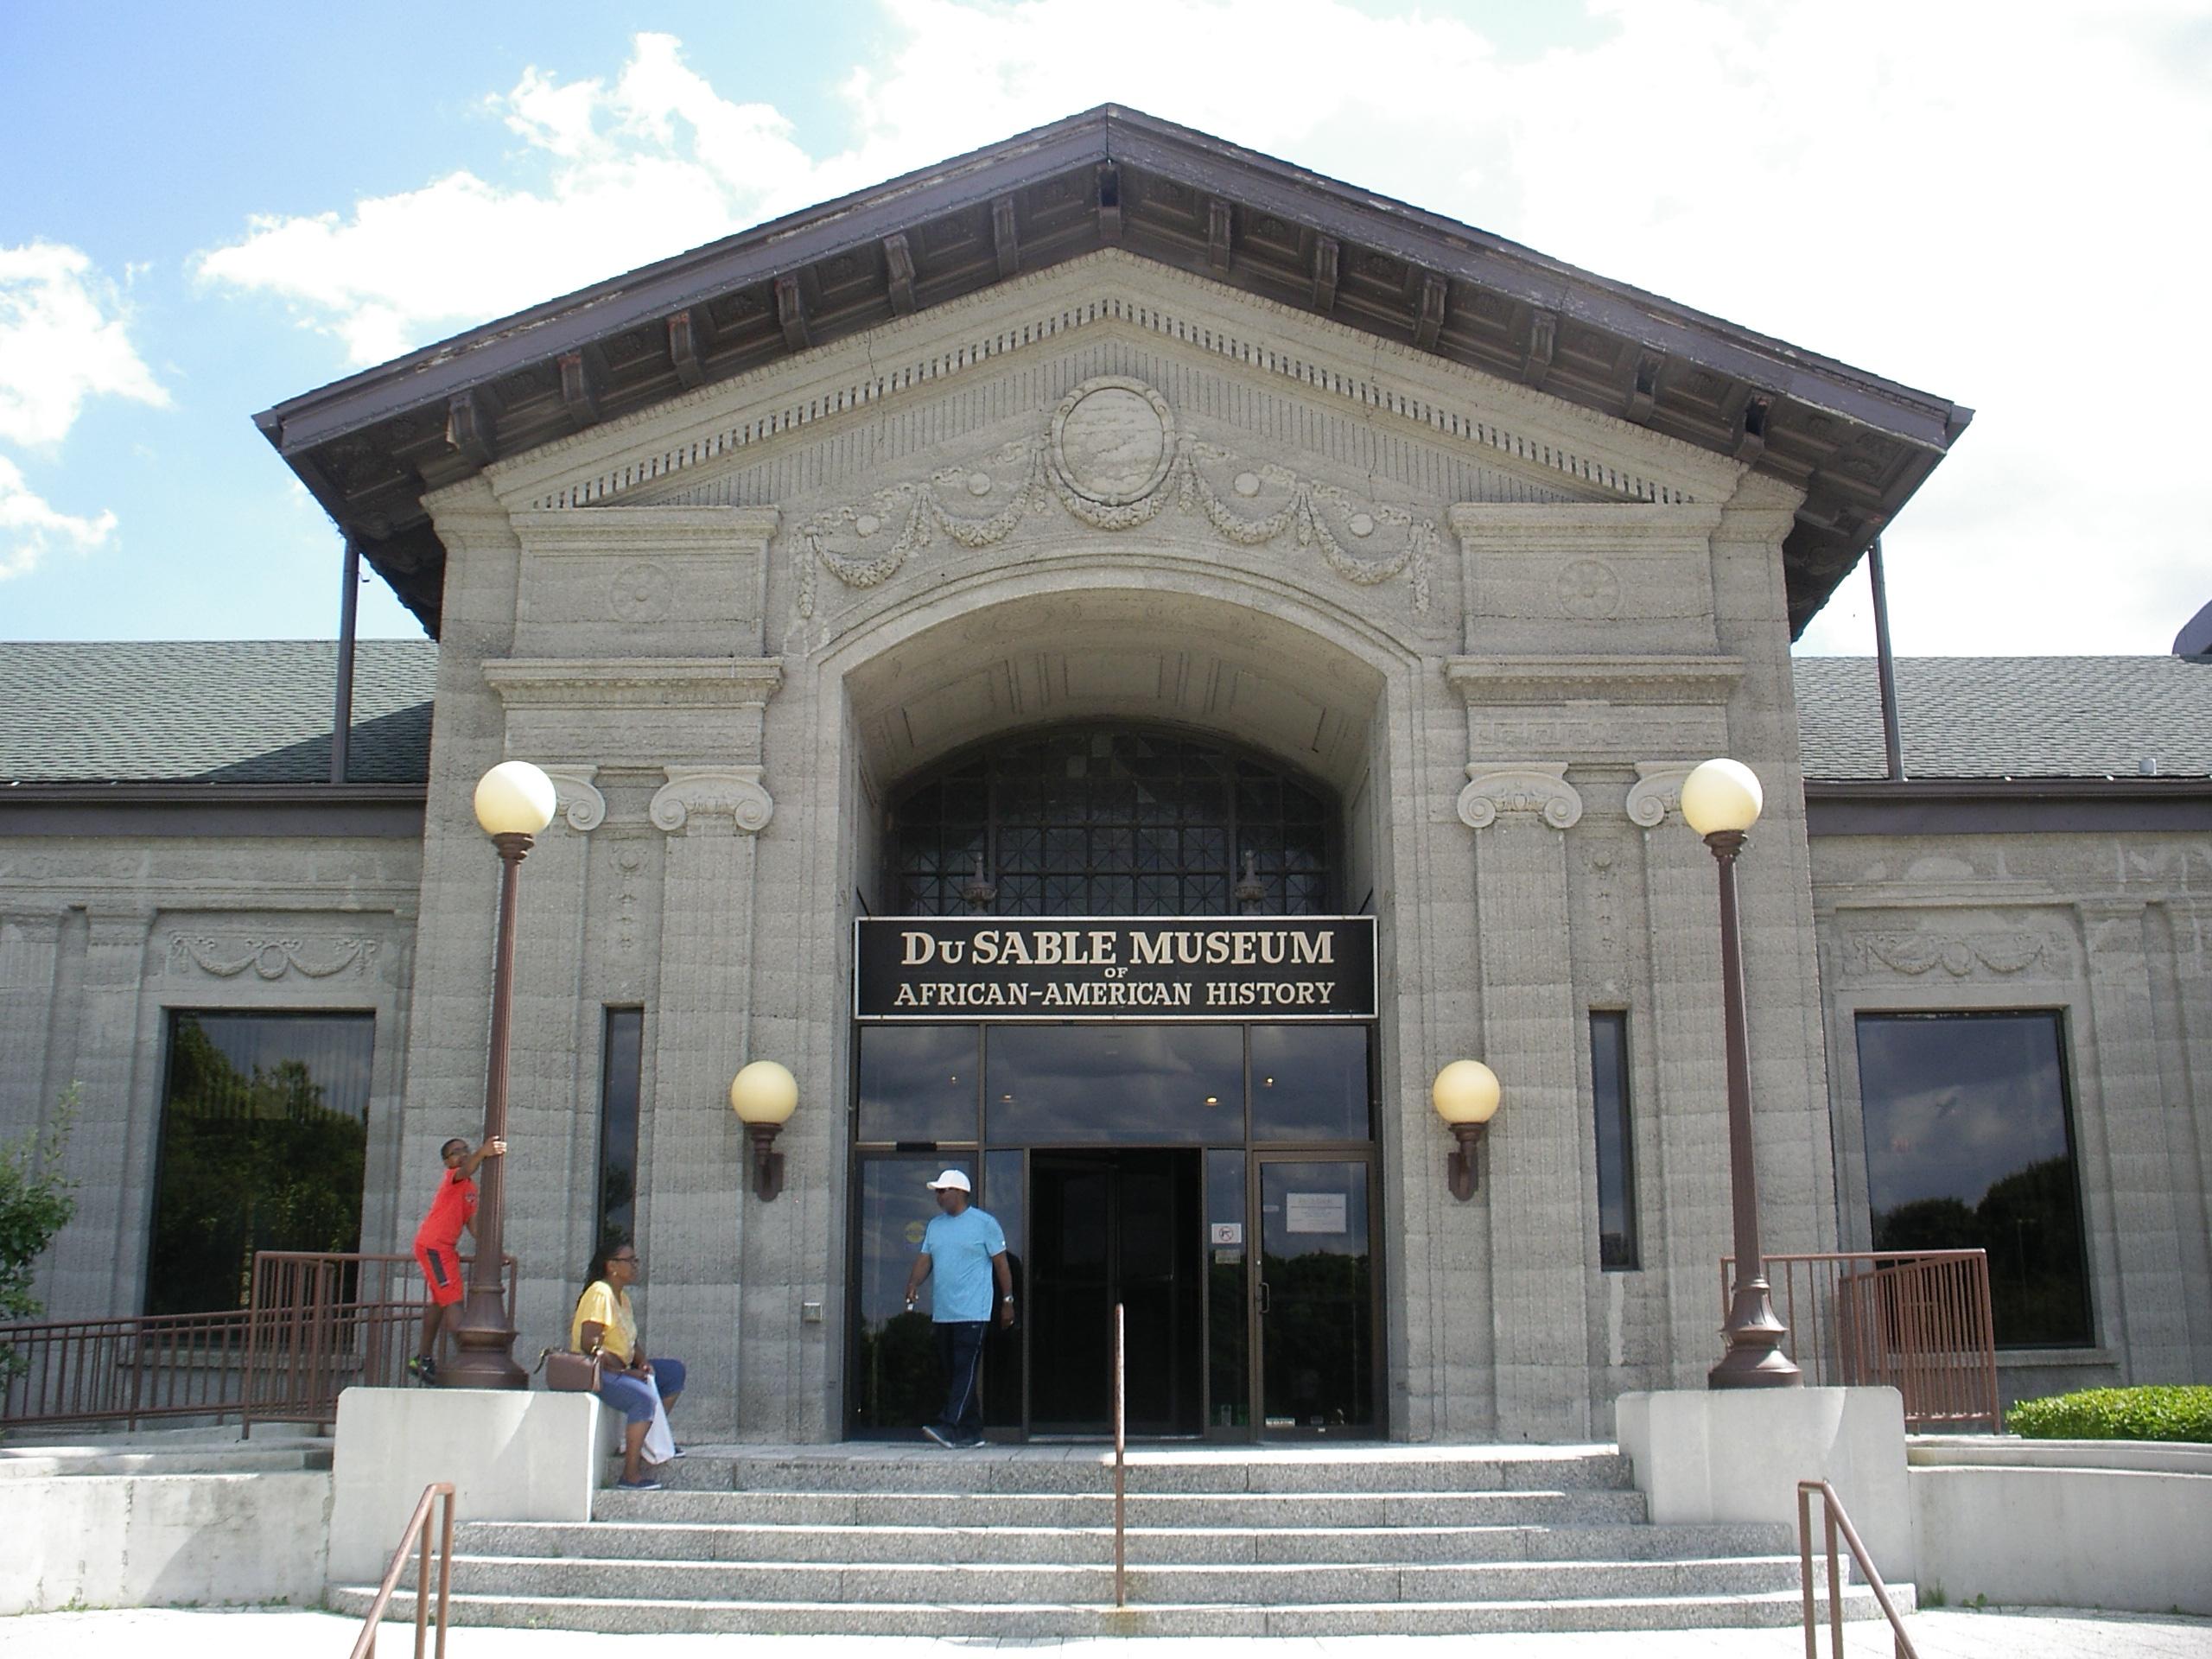 DuSable Museum, Front Entrance